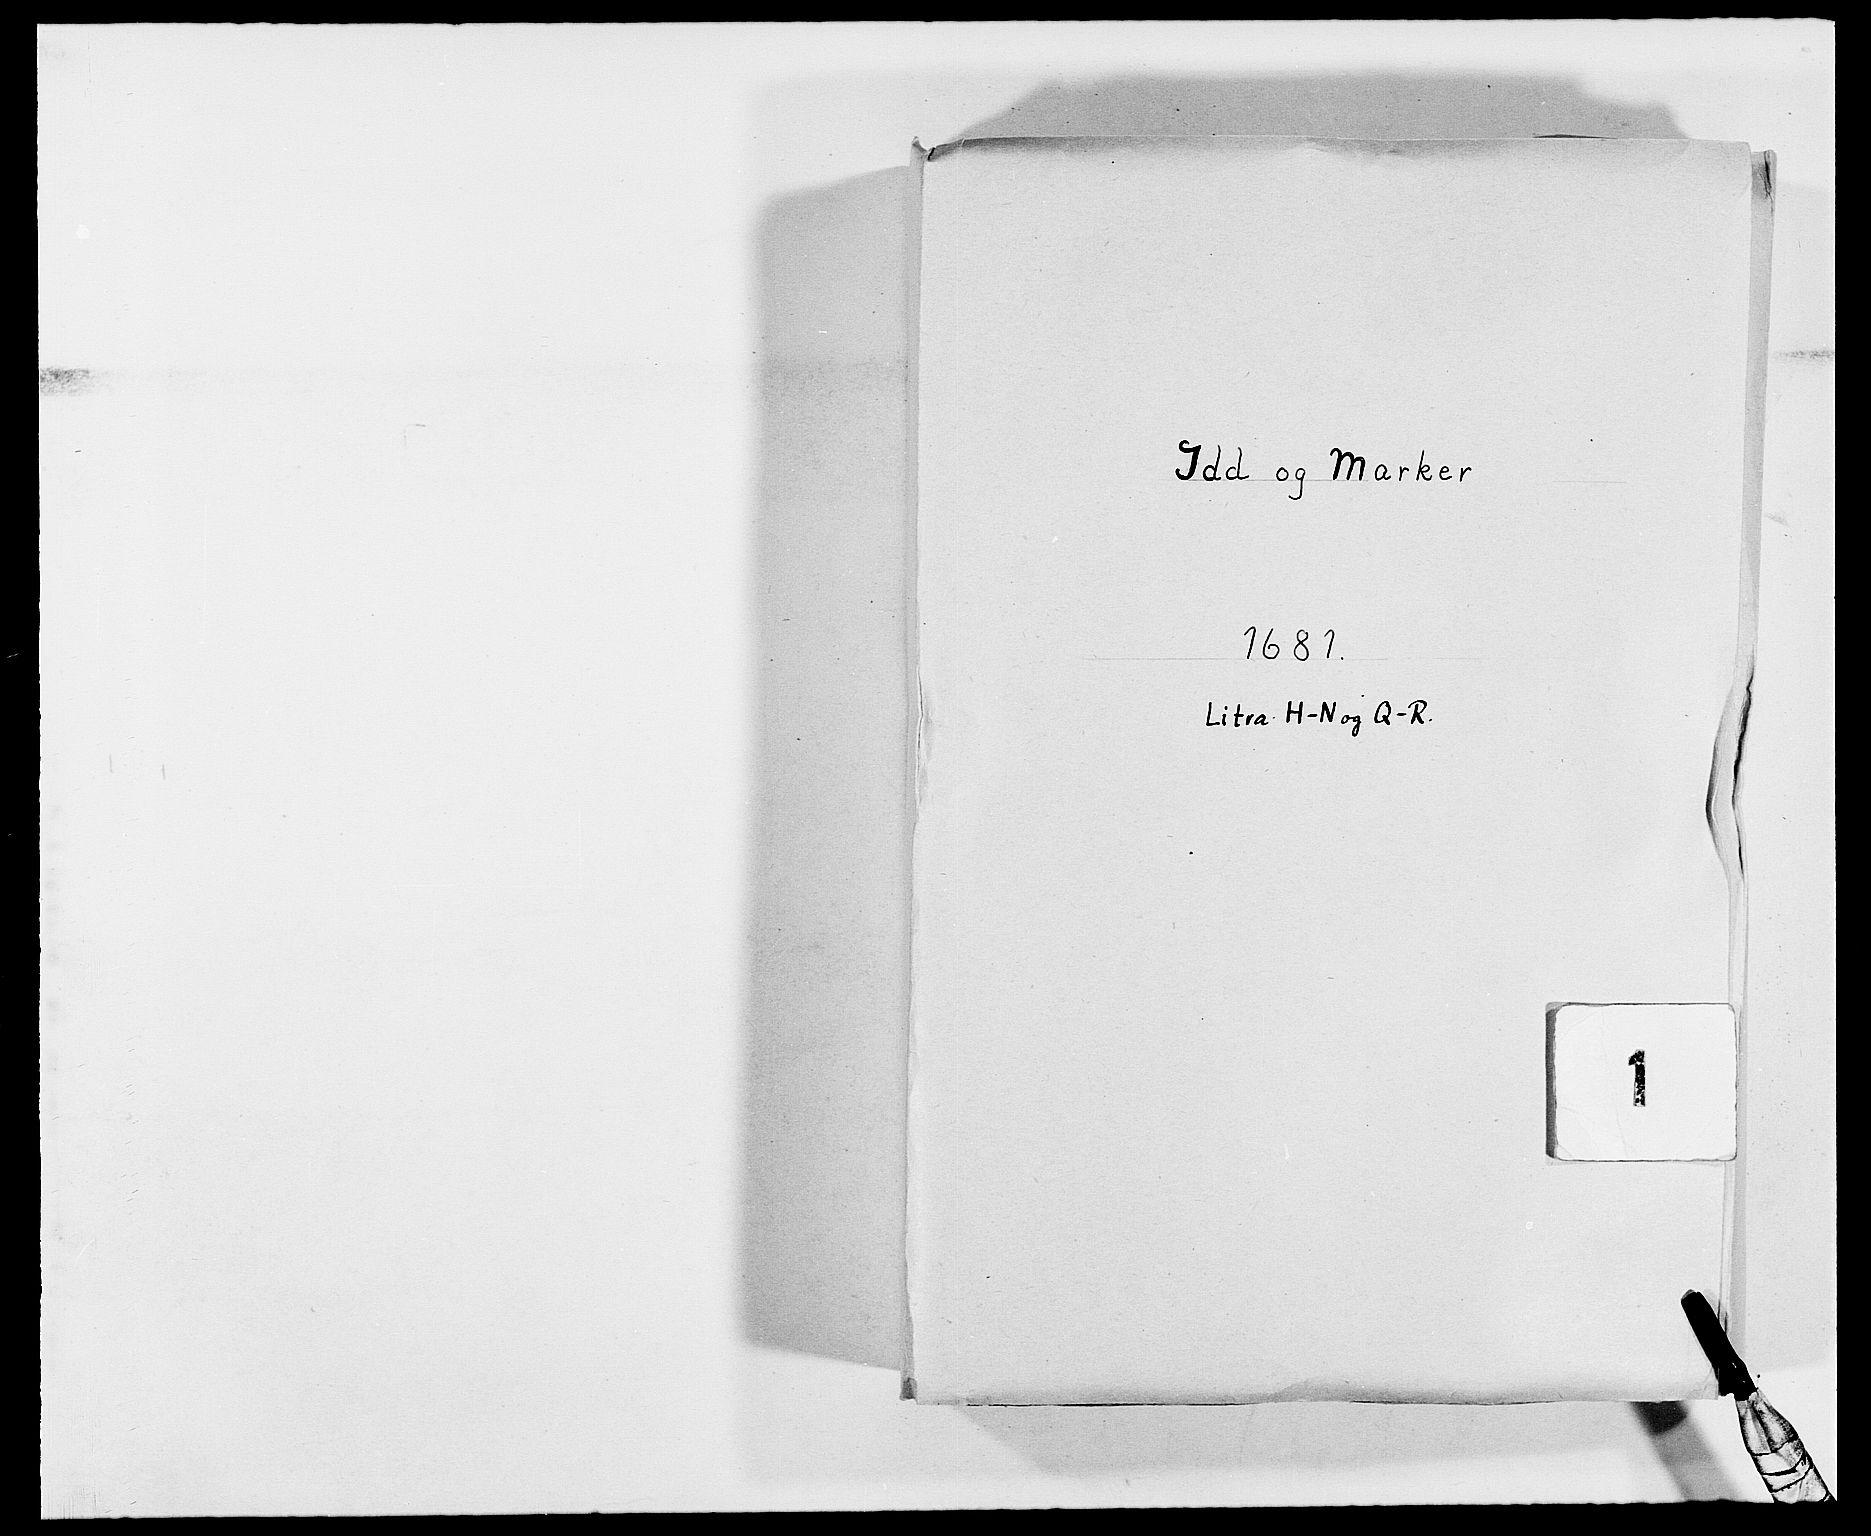 RA, Rentekammeret inntil 1814, Reviderte regnskaper, Fogderegnskap, R01/L0003: Fogderegnskap Idd og Marker, 1678-1681, s. 5